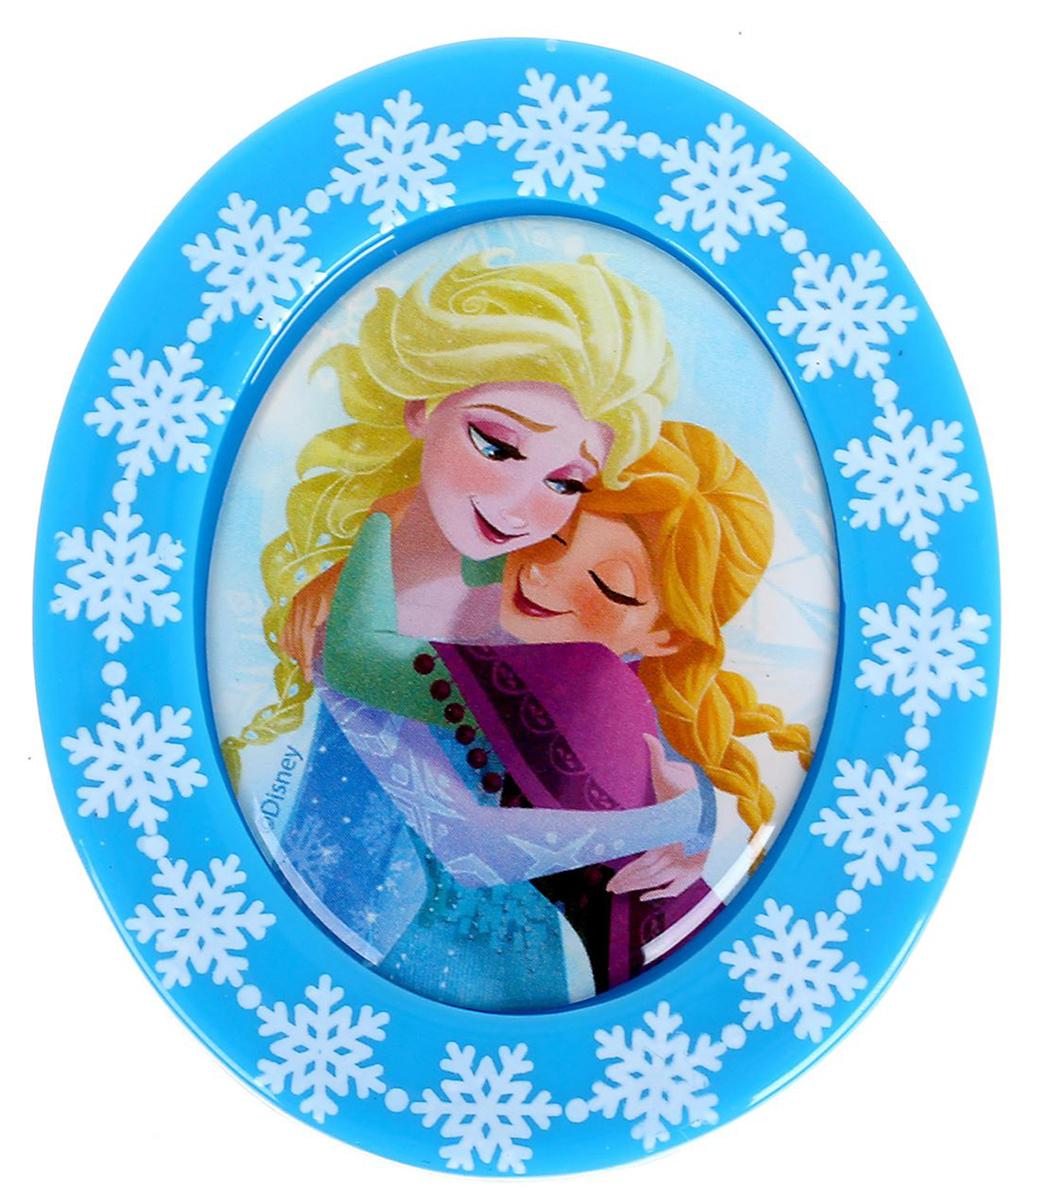 Магнит-рамка Disney Анна и Эльза, 5,2 х 6,2 см. 12568501256850Дарите радость с Disney Удивите малышей уникальным сувениром с любимым персонажем! Он порадует ребёнка стильным дизайном и ярким исполнением. Красочный акриловый магнит будет долгие годы украшать холодильник или другую металлическую поверхность. Изделие дополнено оригинальной открыткой, где можно написать тёплые слова и сделать маленький подарок более личным. Соберите коллекцию аксессуаров с любимыми героями!